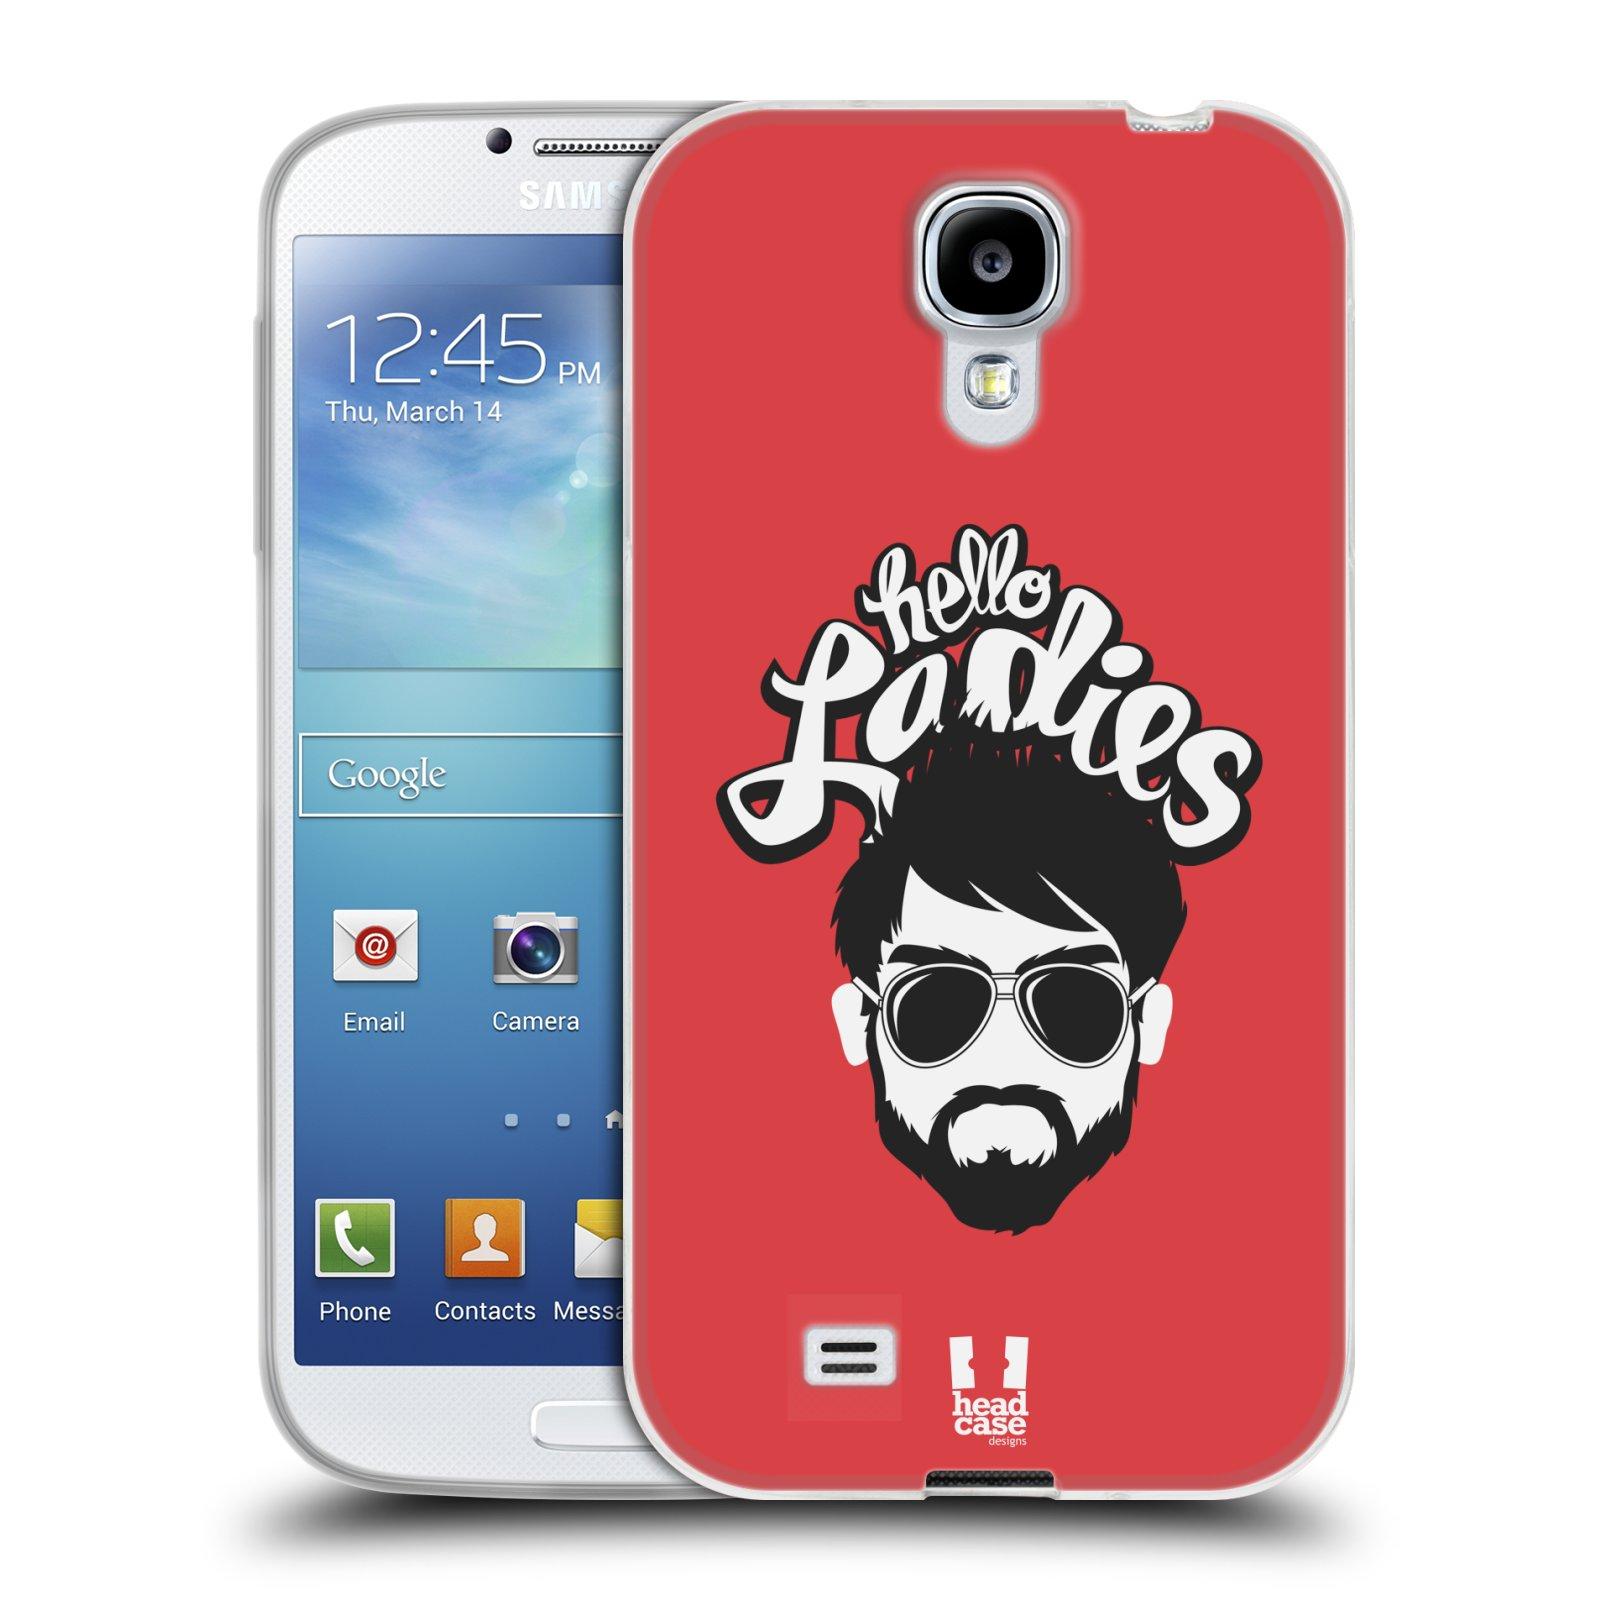 Silikonové pouzdro na mobil Samsung Galaxy S4 HEAD CASE KNÍRAČ HELLO LADIES (Silikonový kryt či obal na mobilní telefon Samsung Galaxy S4 GT-i9505 / i9500)